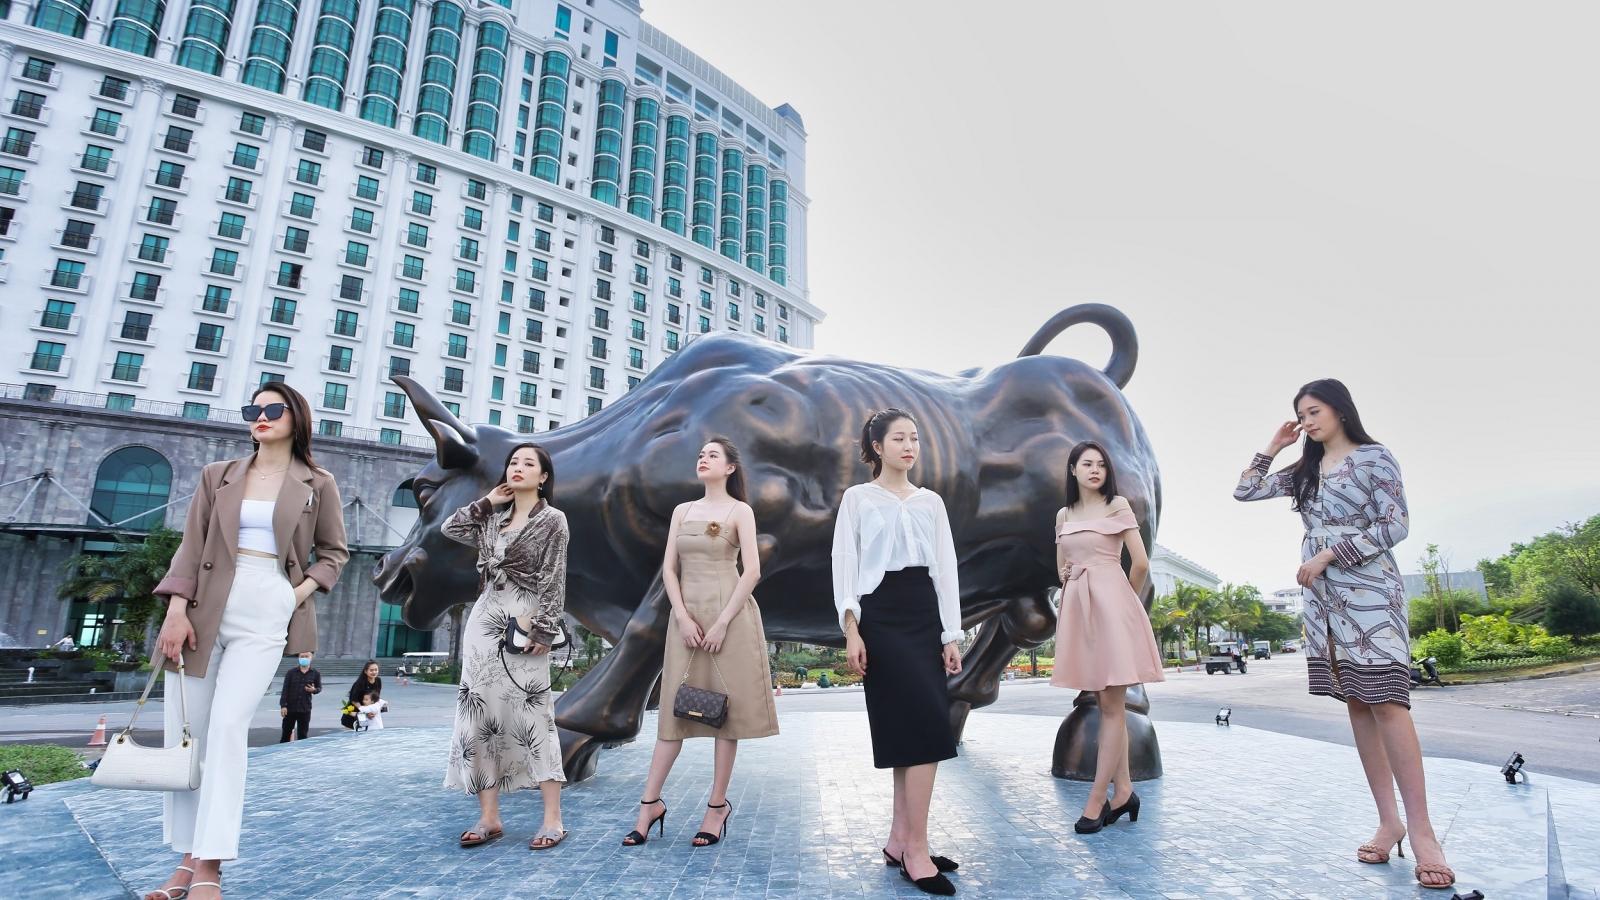 Hé lộ tượng bò tót vàng may mắn tại Hạ Long chưa ra mắt đã hút fan cực mạnh